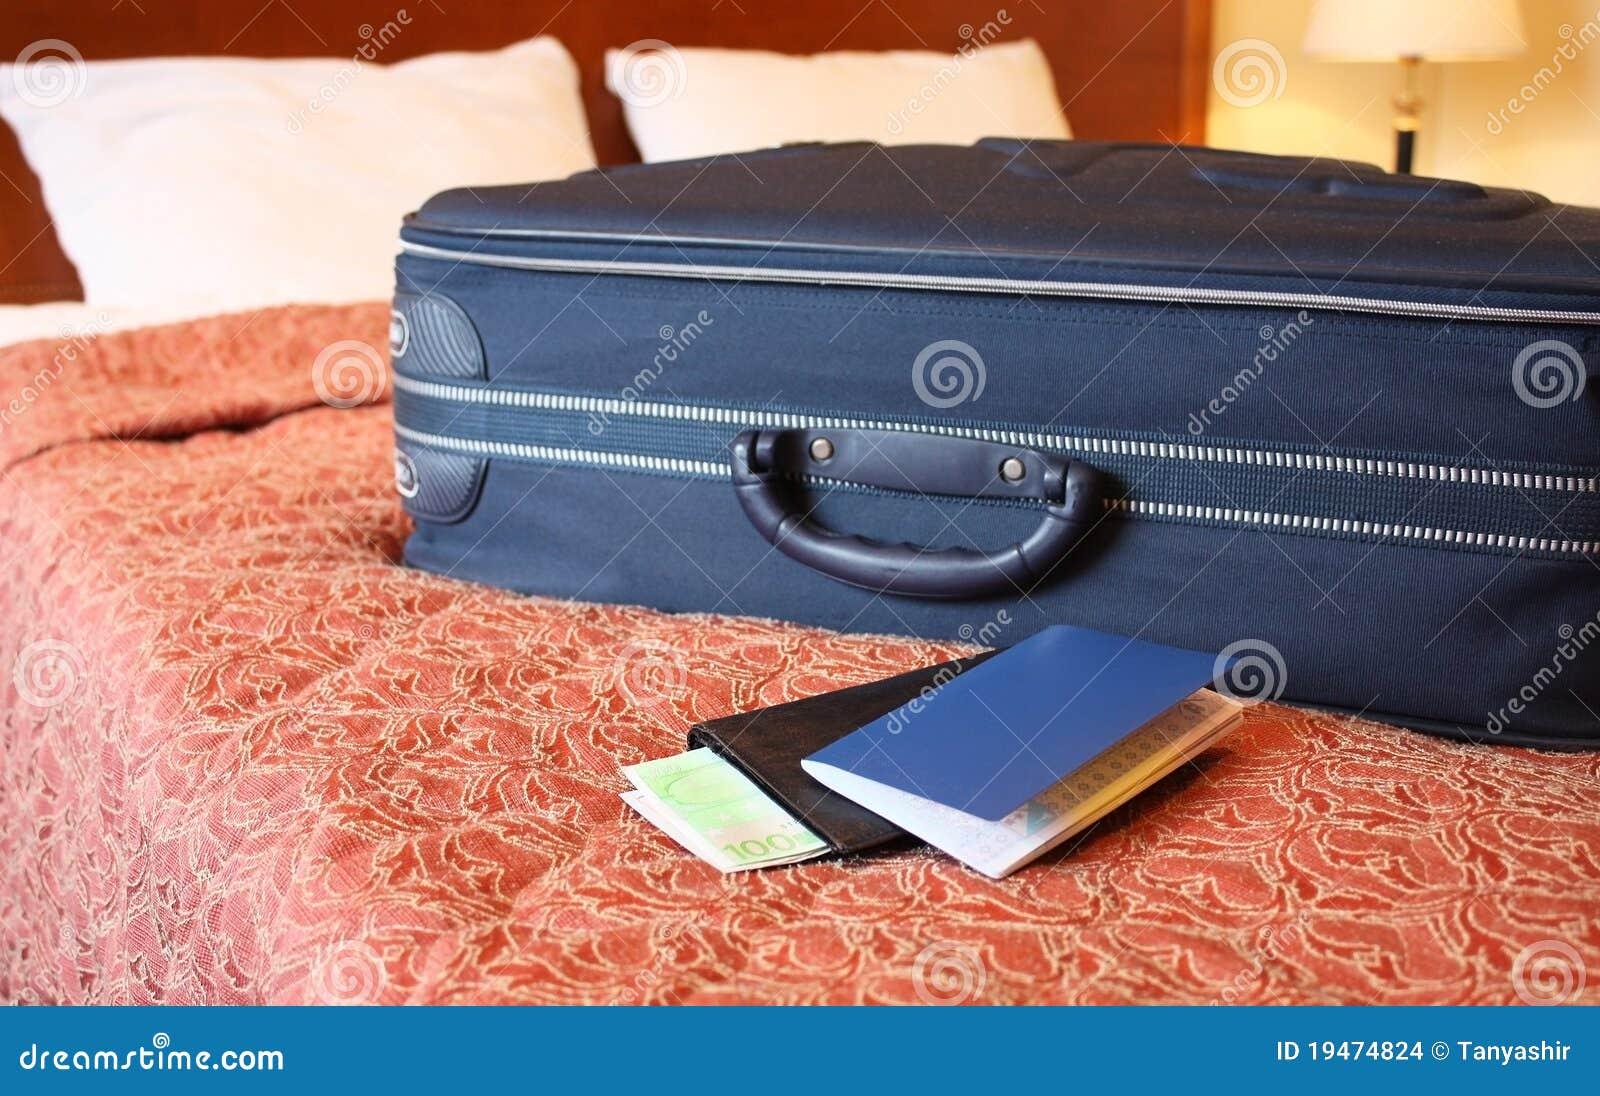 Valise, passeport et pochette